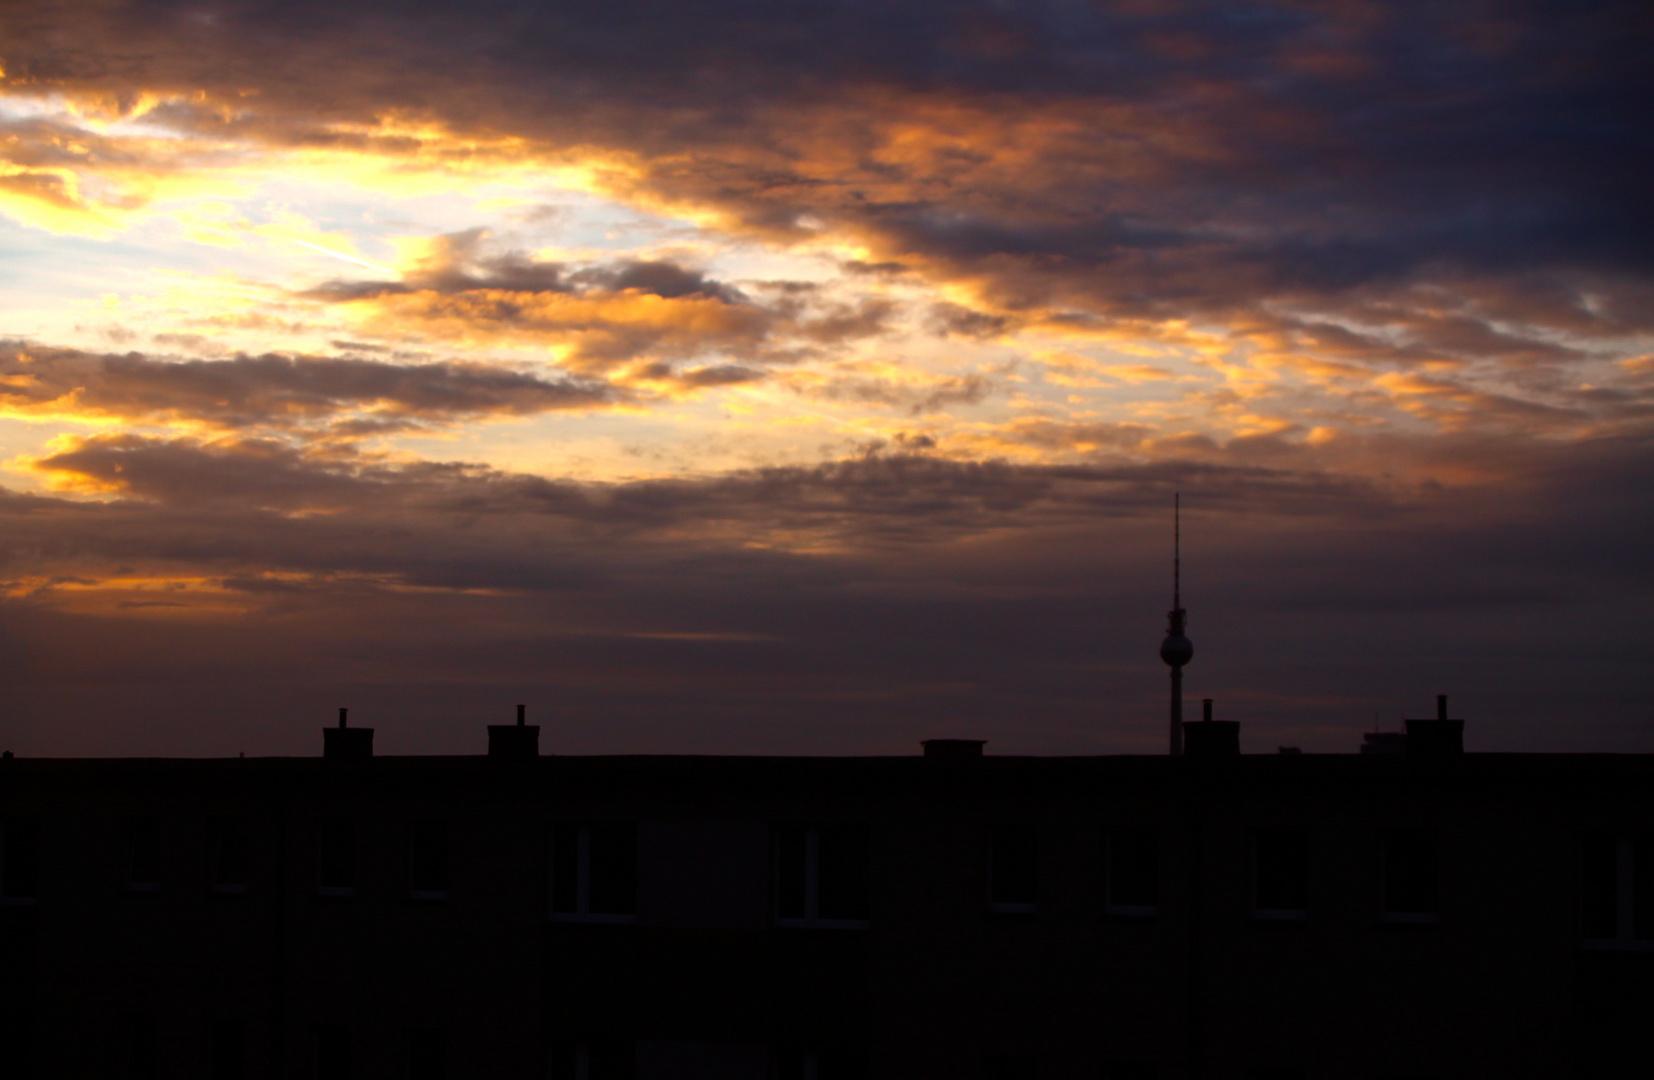 Sonnenuntergang und Berliner Fernsehturm #2